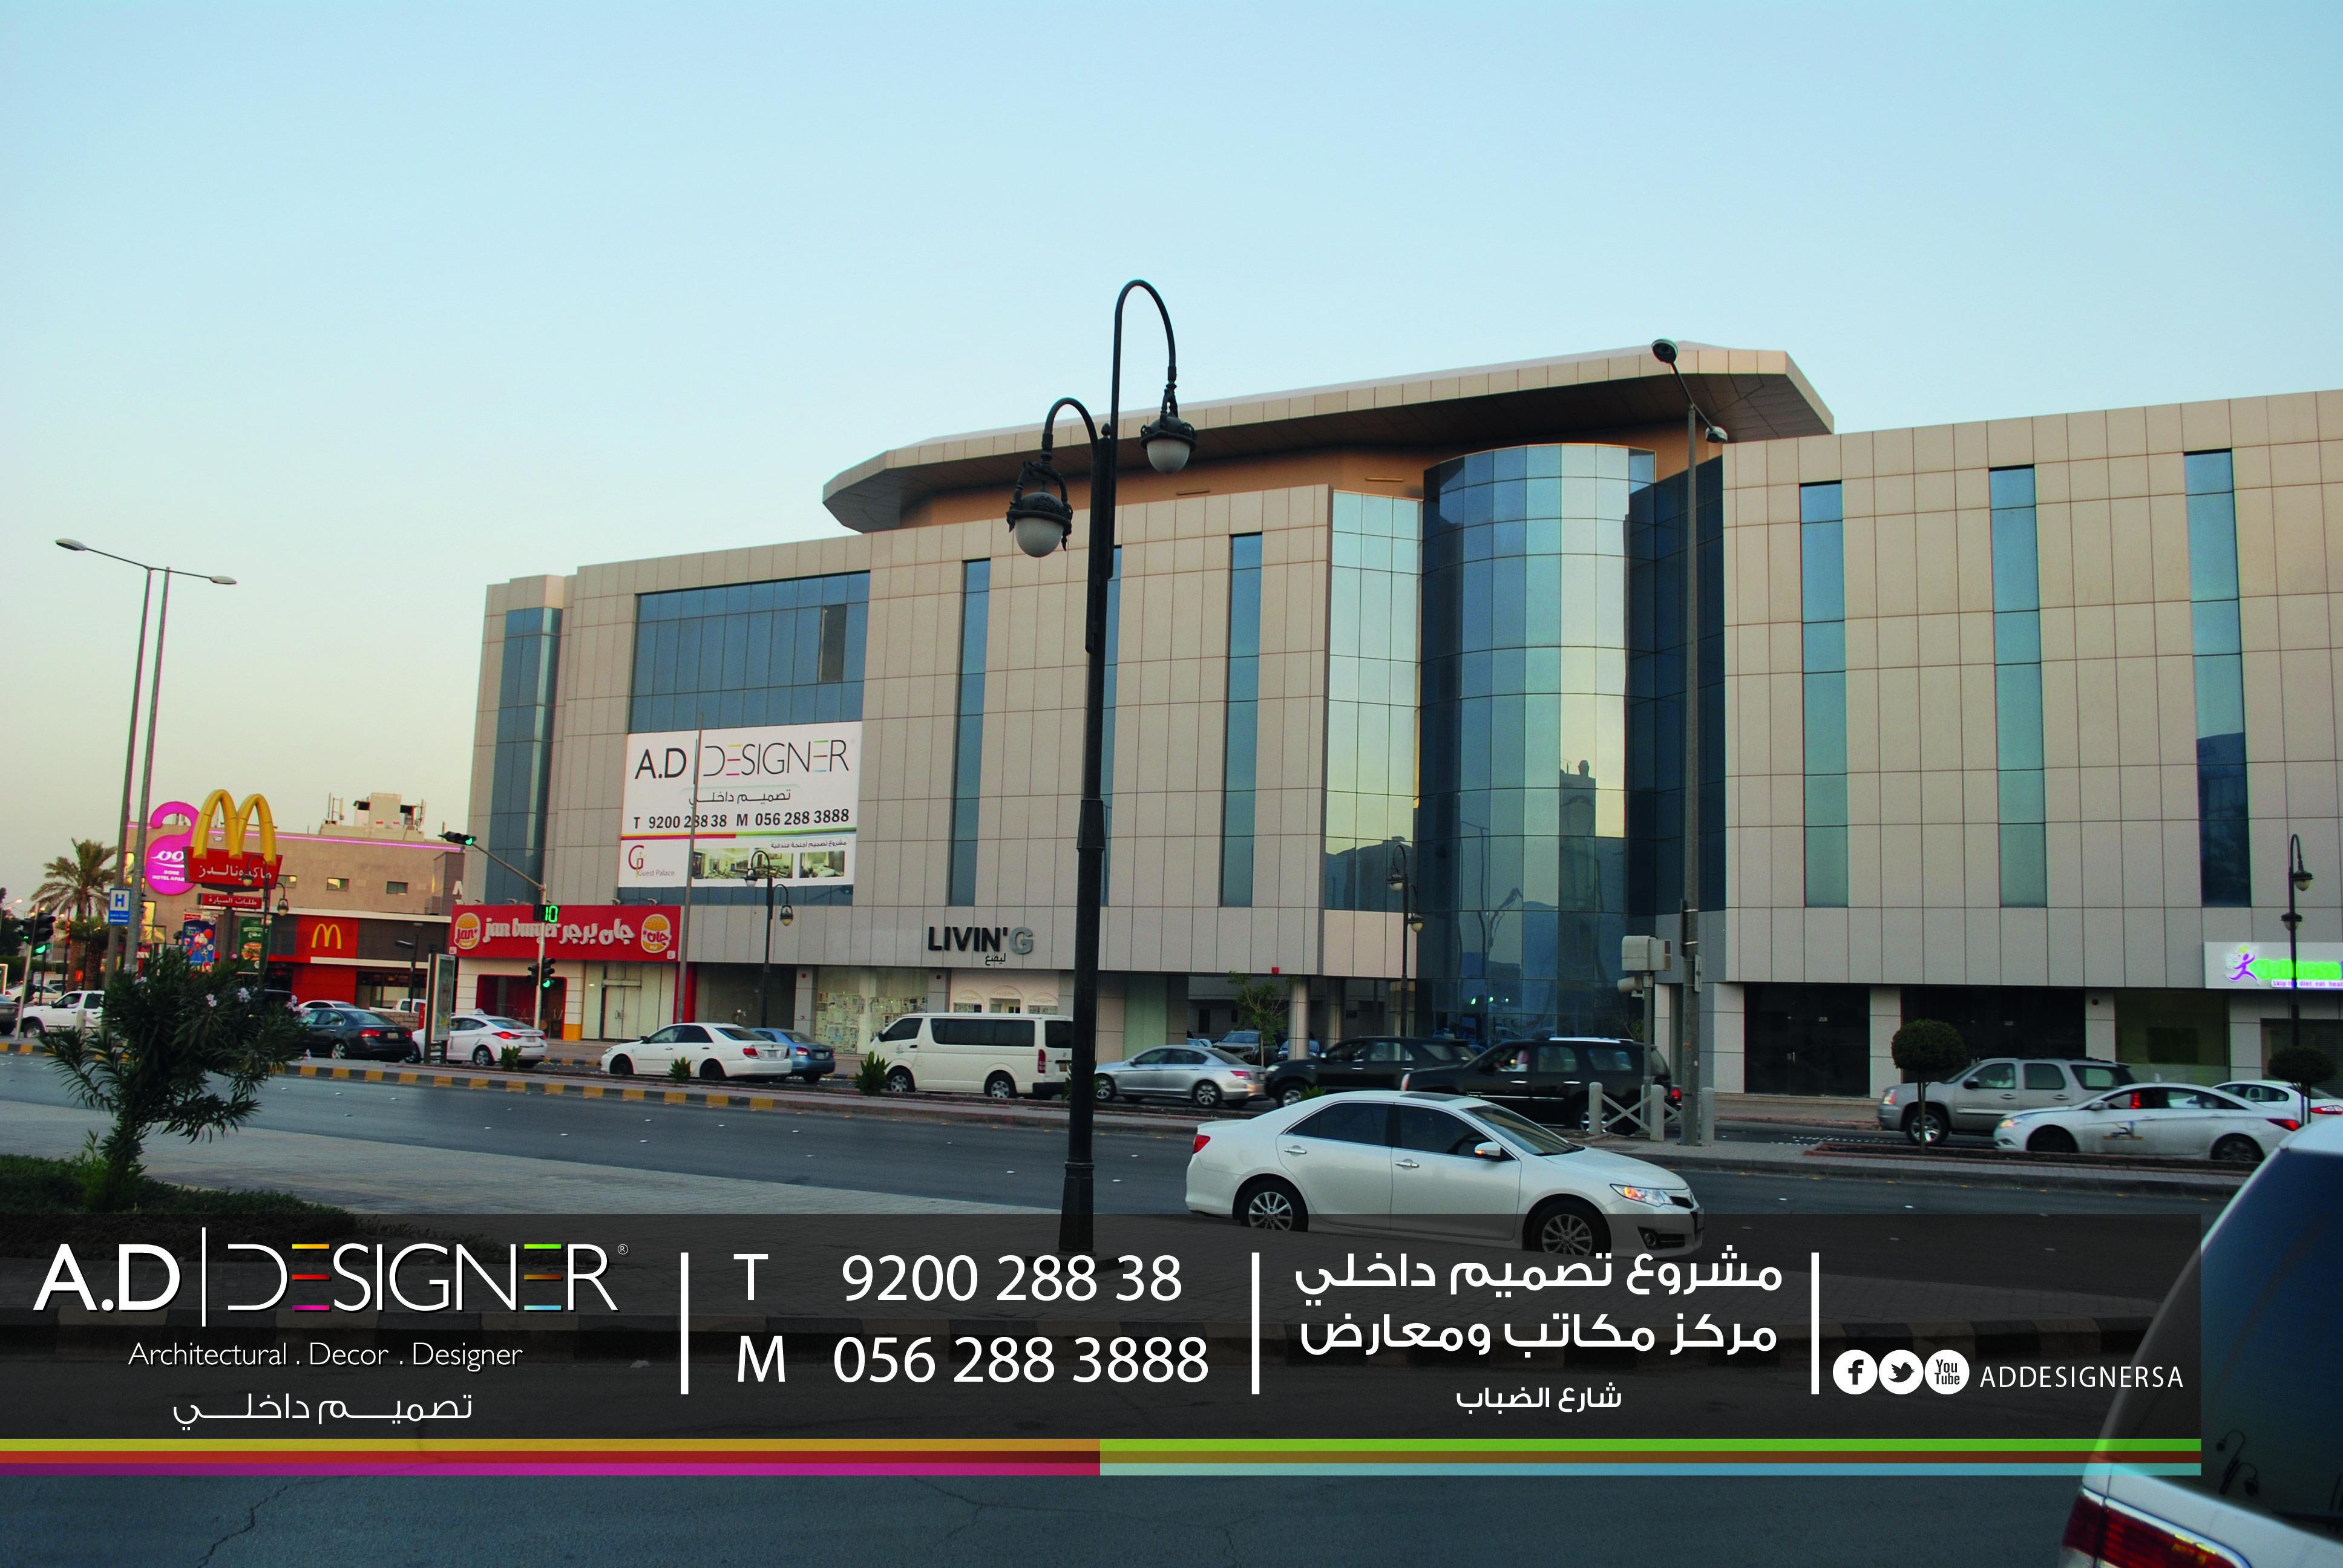 تصميم داخلي مشروع فندقي الرياض شارع الضباب Addesigner Interior Design Projects Design Design Projects